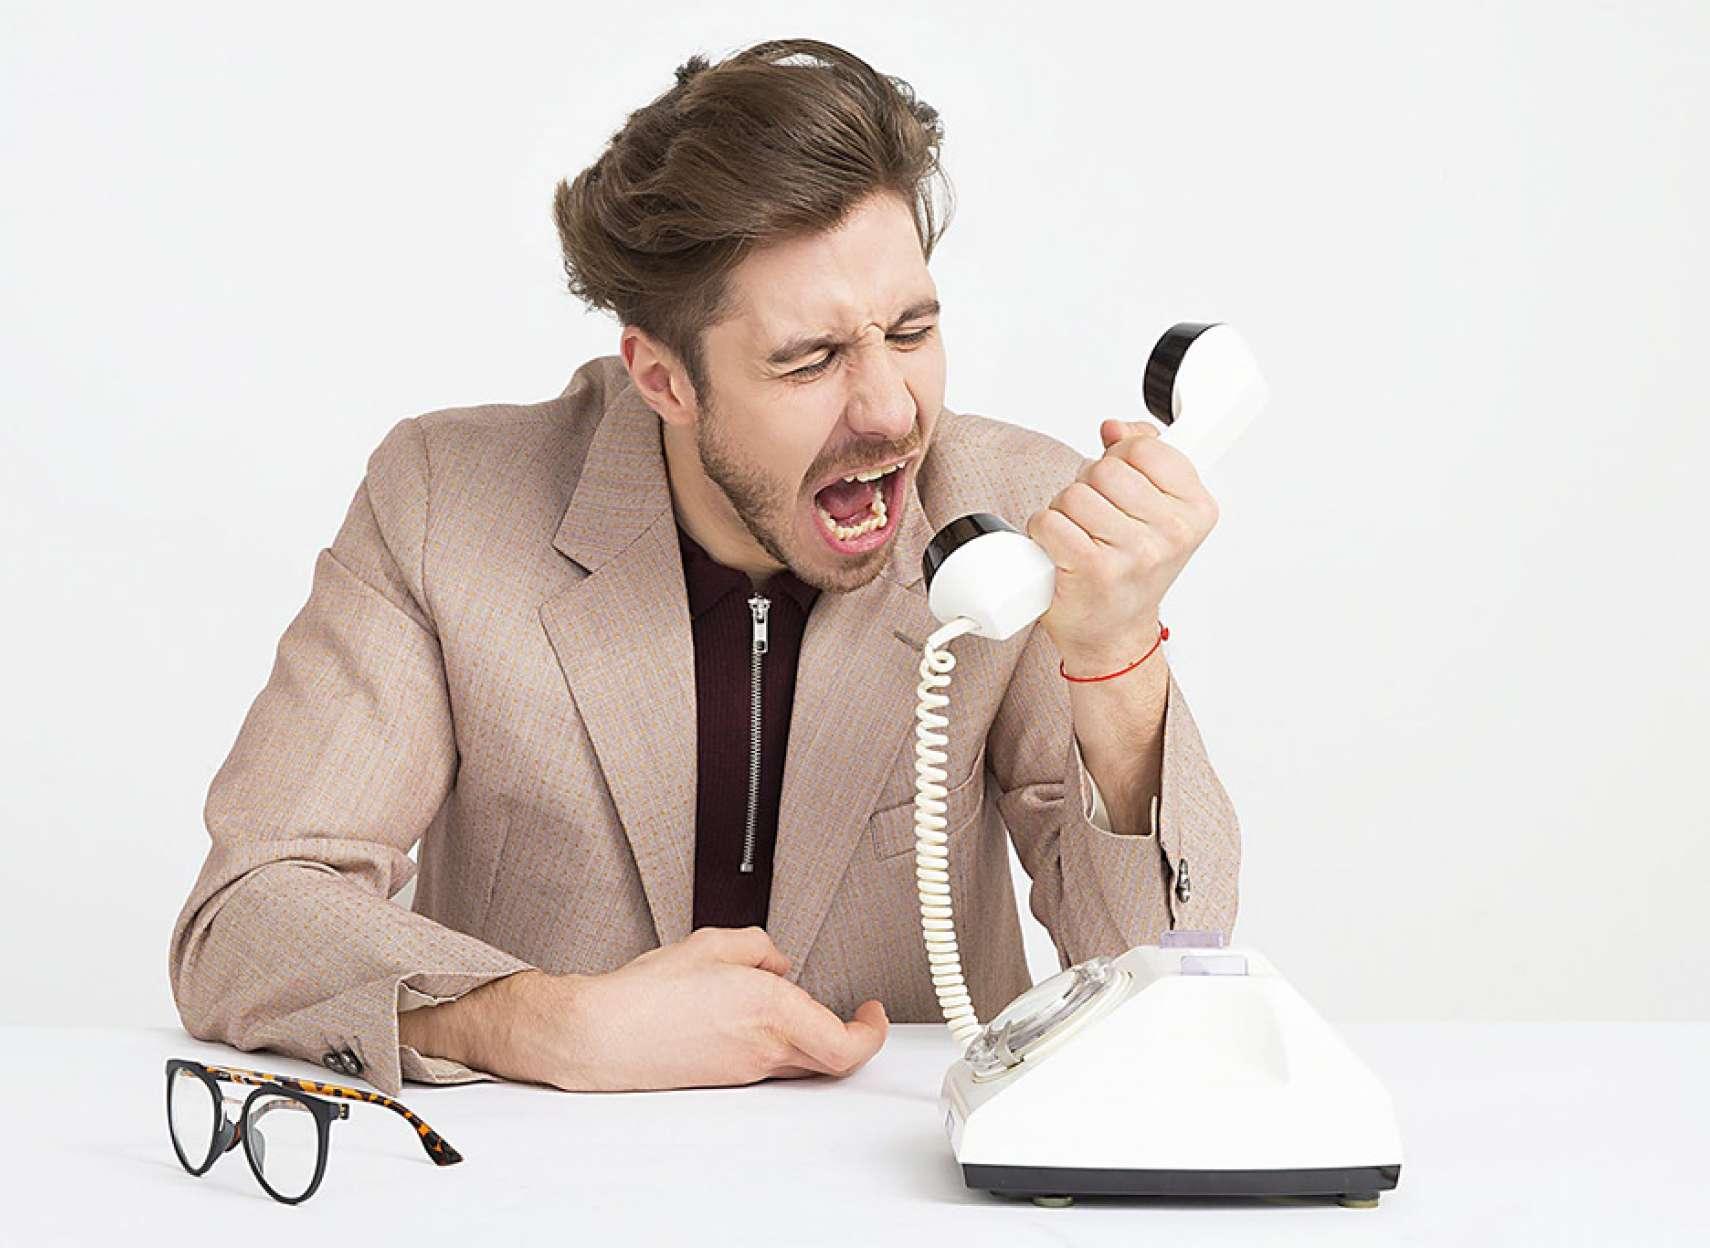 روانشناسی-داعی-زنان-در-برابر-شوهران-عصبانی-چه-کنند